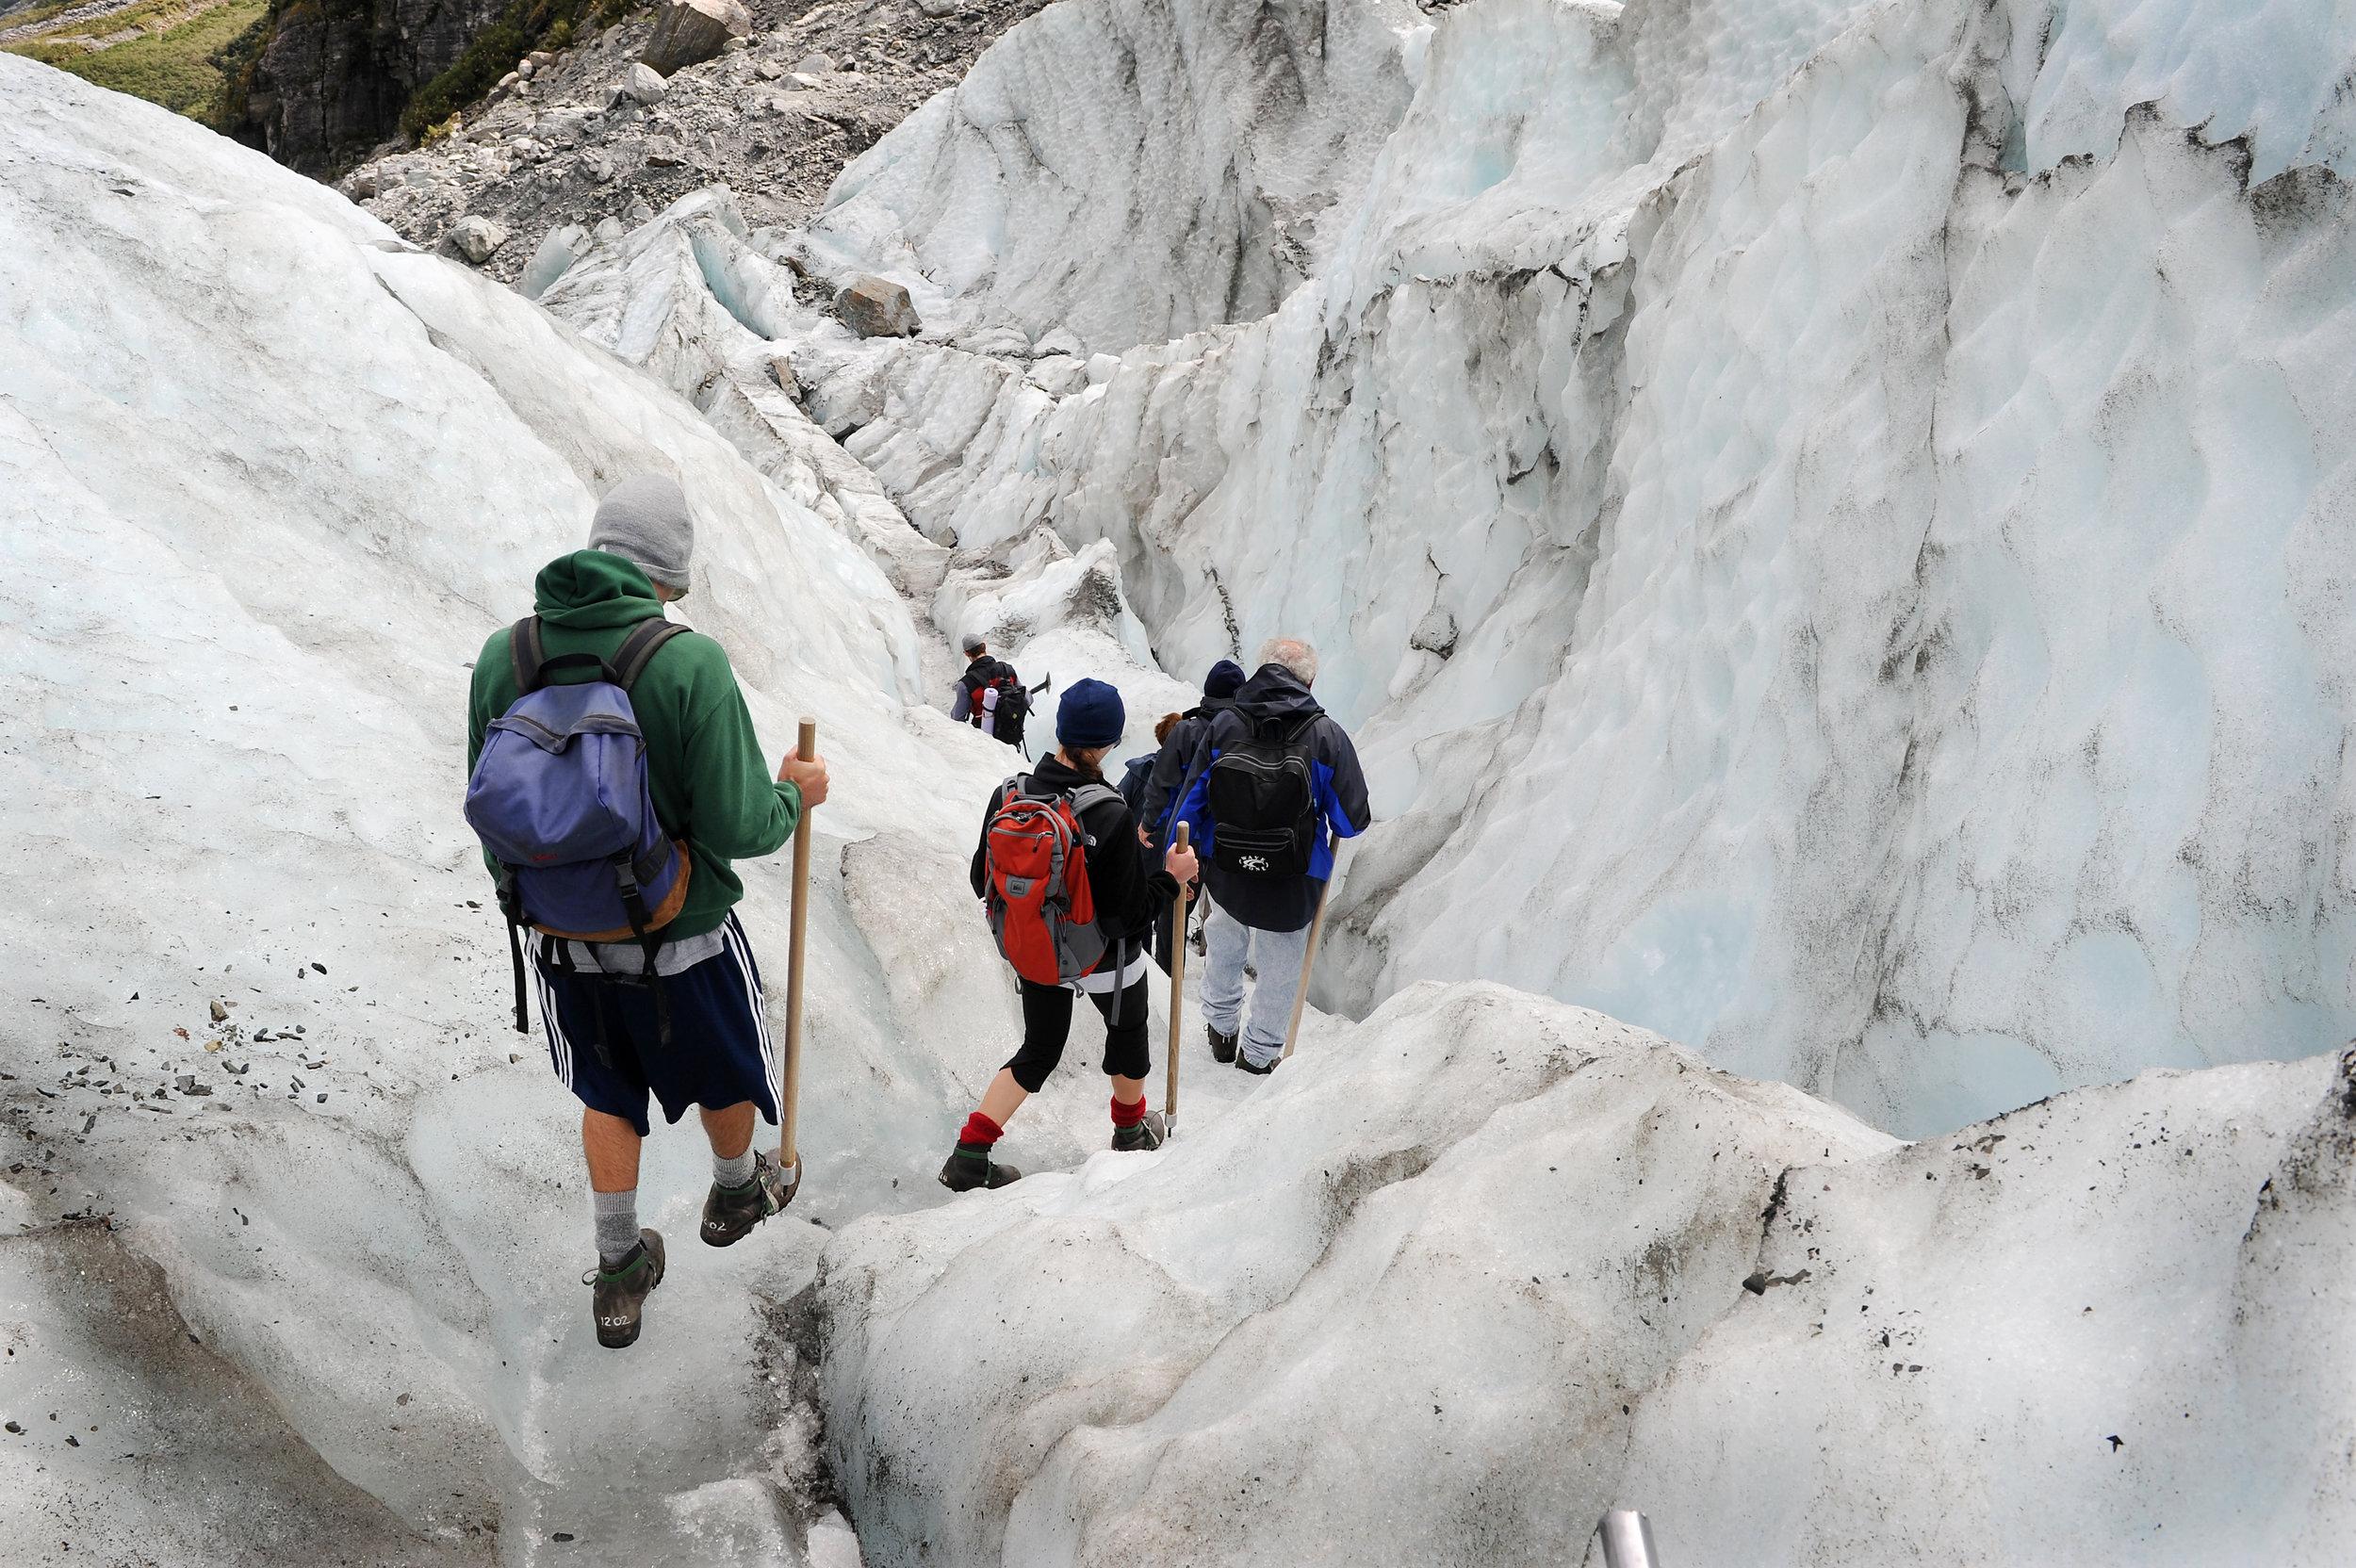 Uusi-Seelanti, Fox, jäätikkö, kävely